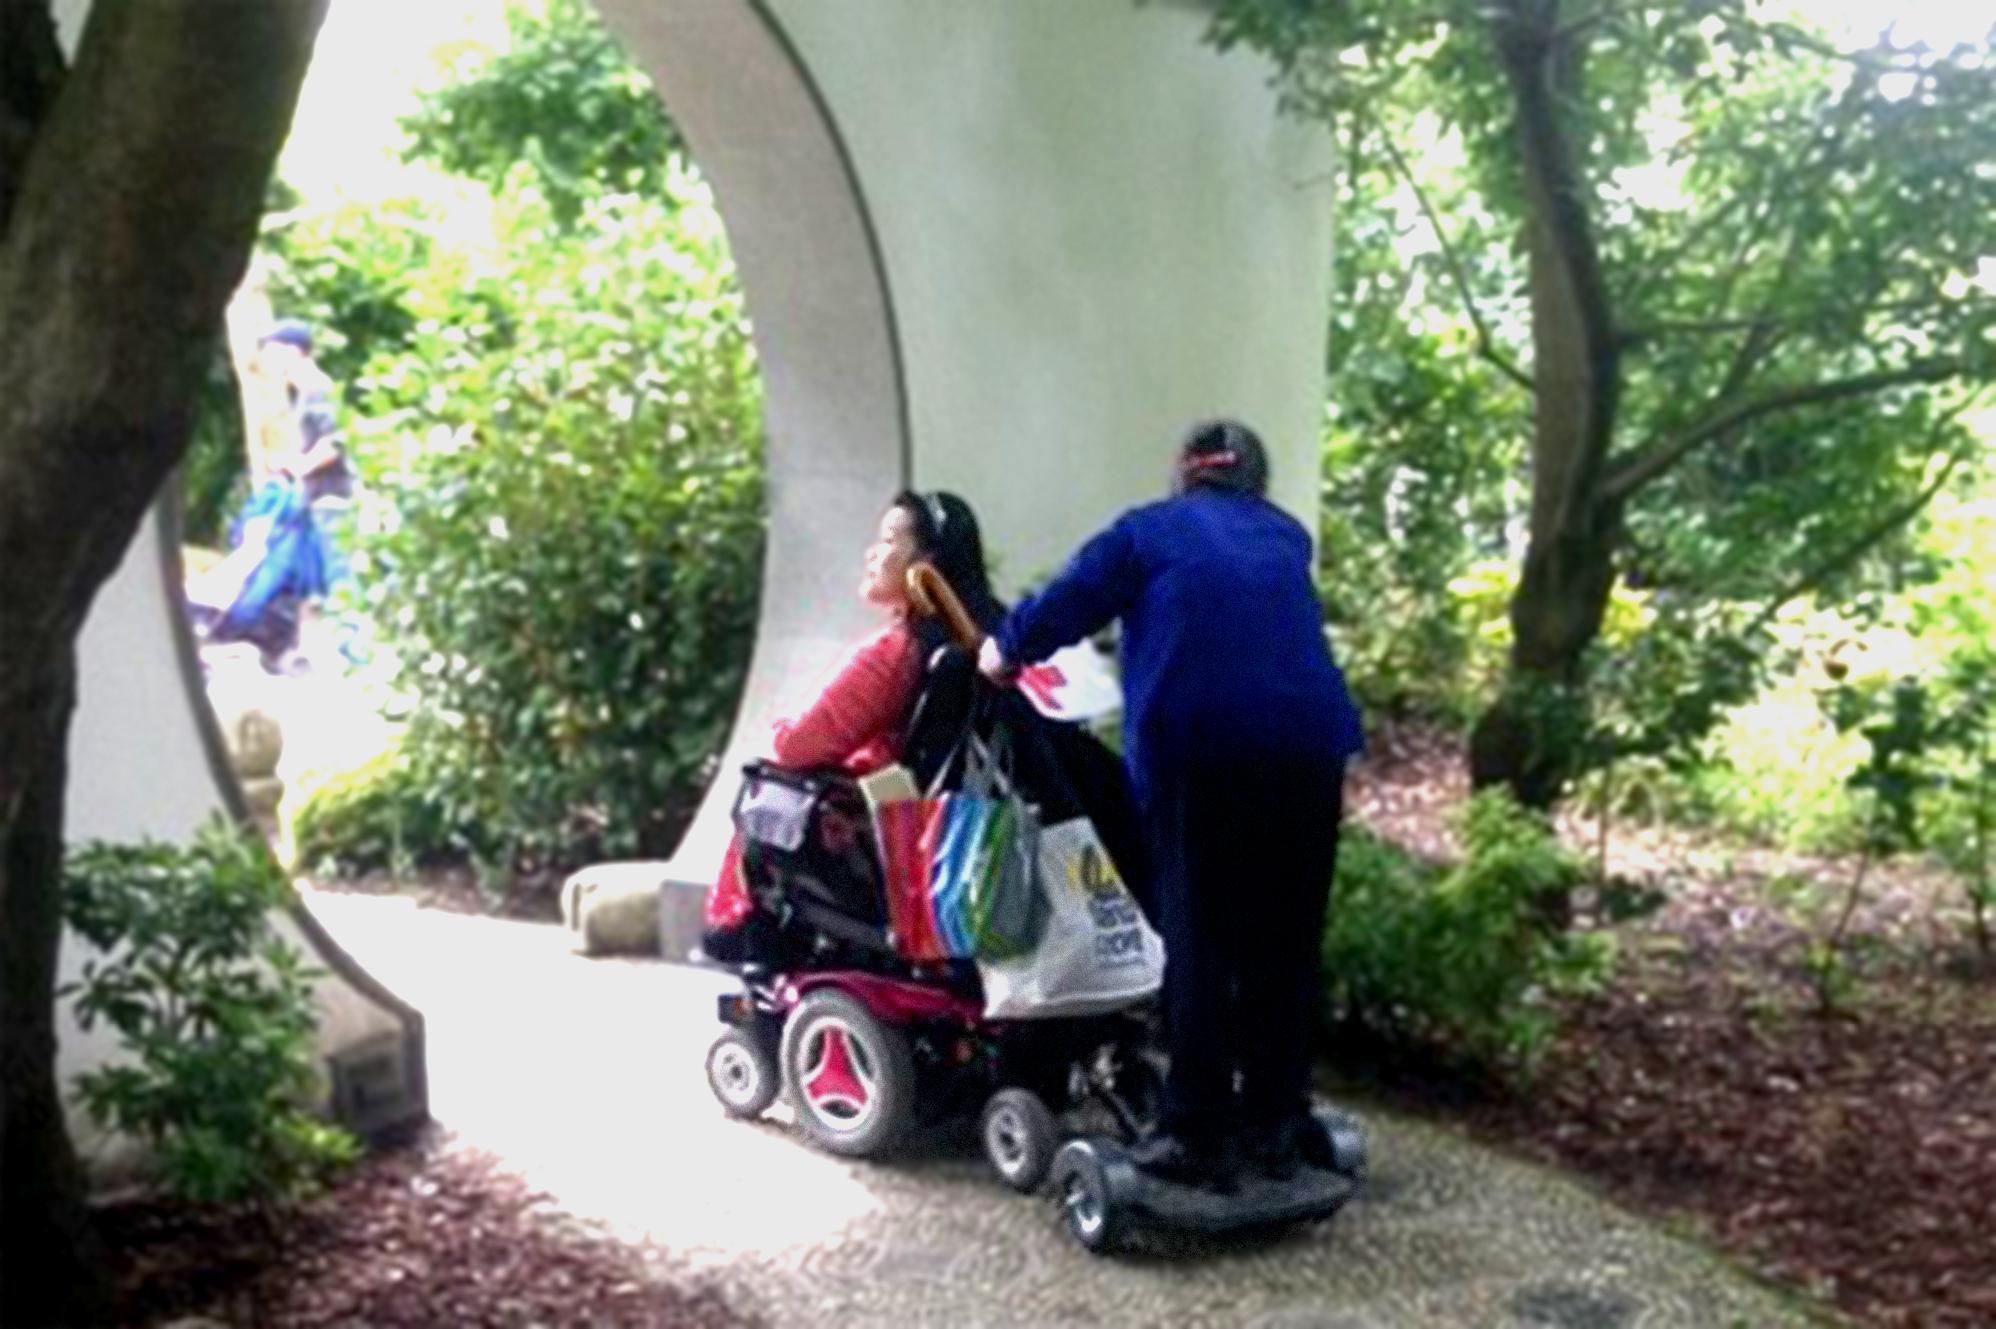 Persoon maakt wandeling met persoon in rolwagen ©xTimeS